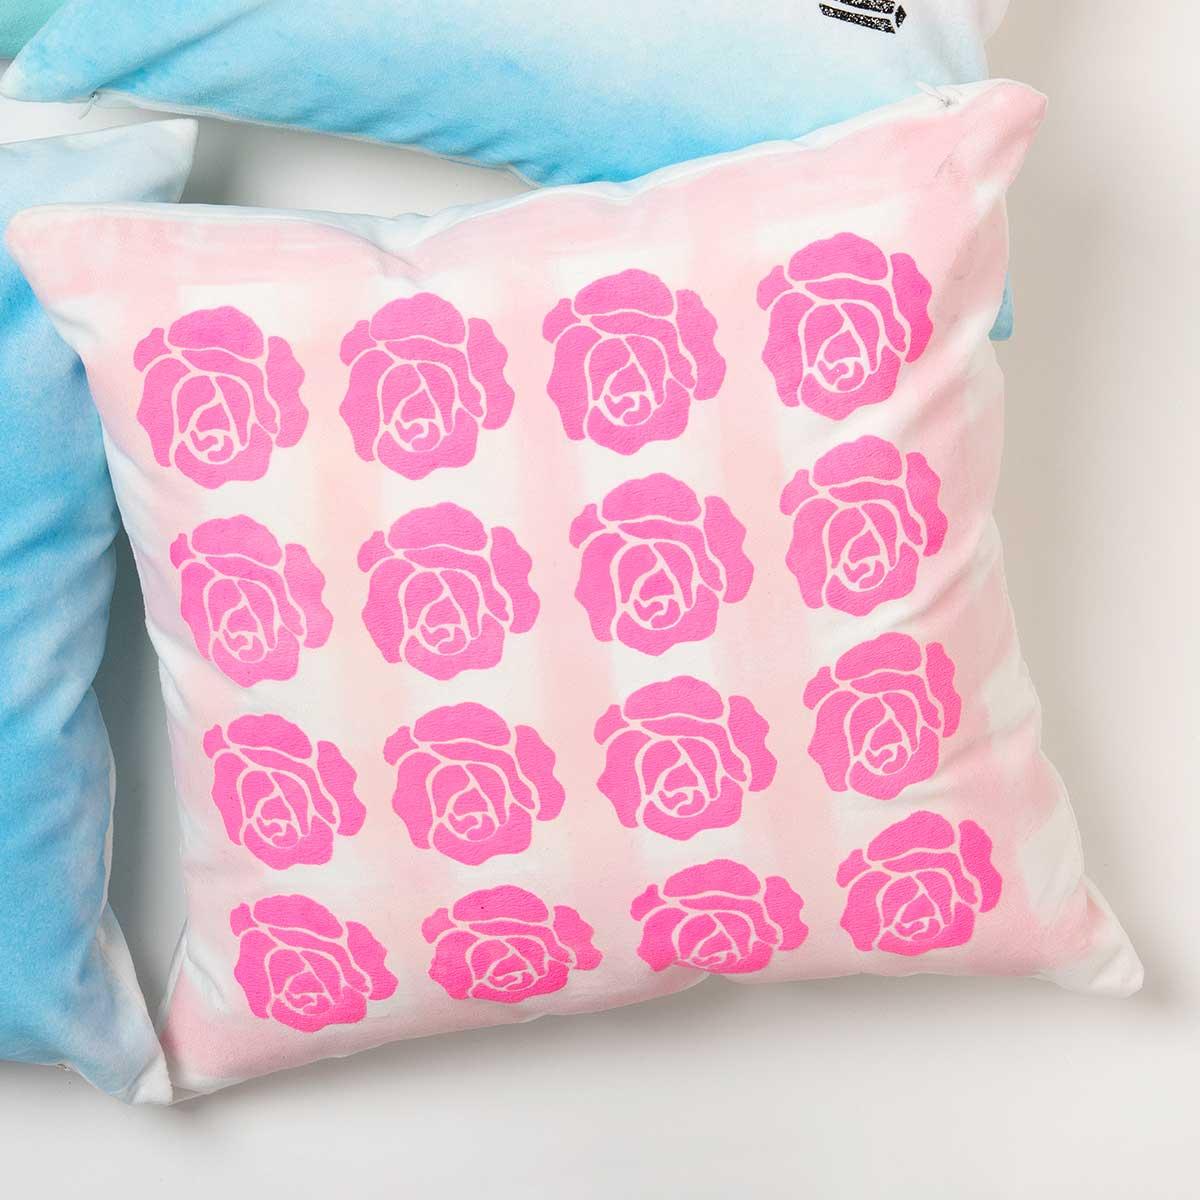 Vintage Rebel Rose Pillow